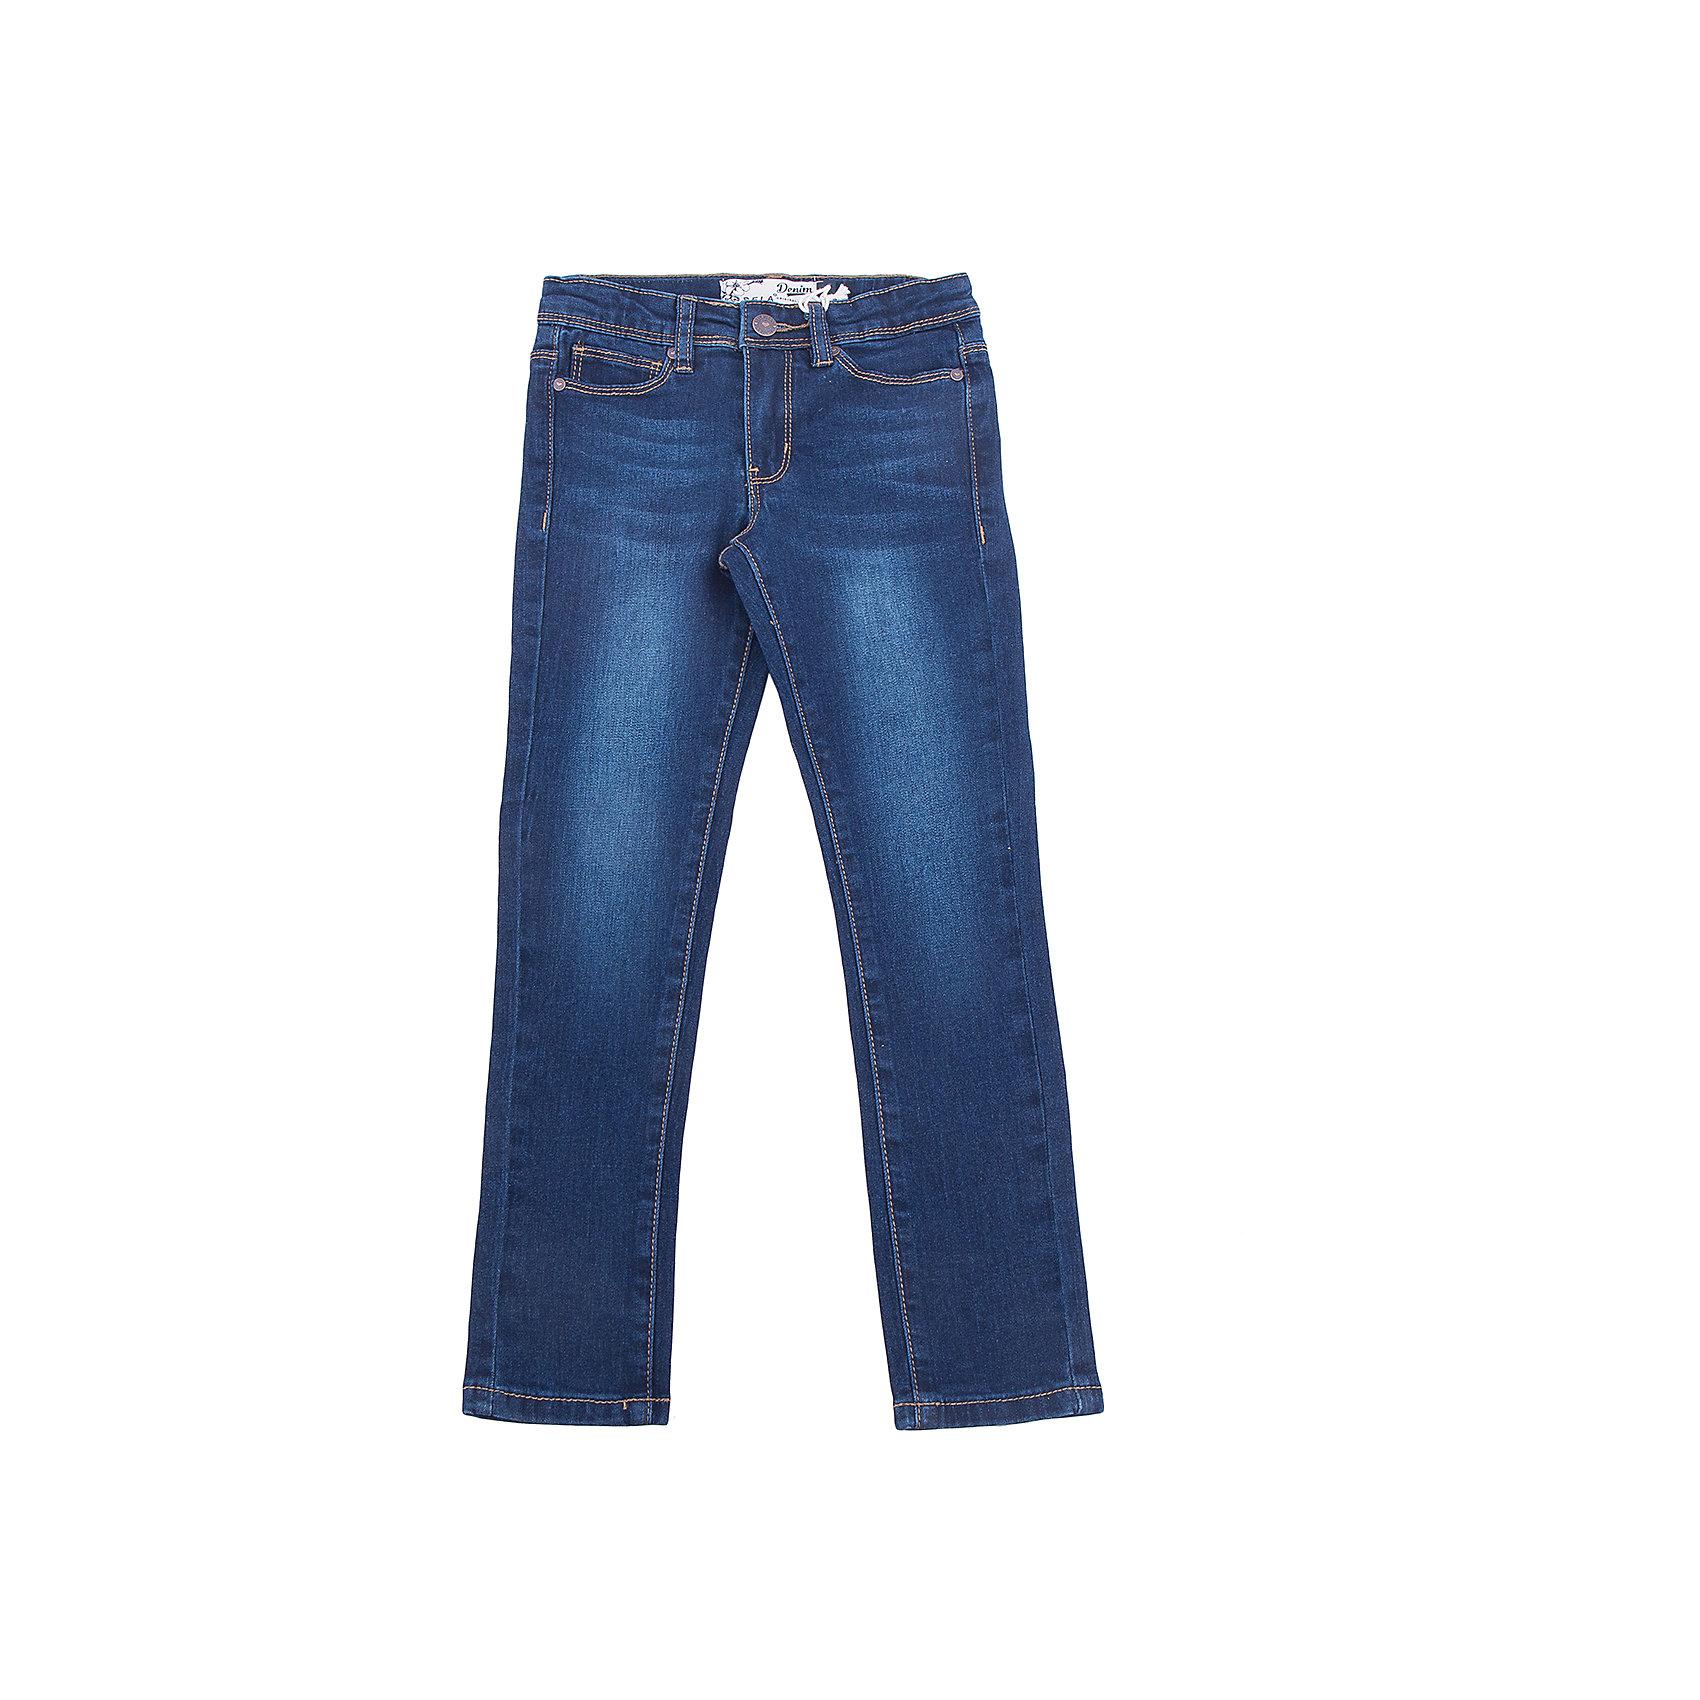 Джинсы для девочки SELAДжинсовая одежда<br>Классические джинсы - незаменимая вещь в детском гардеробе. Эта модель отлично сидит на ребенке, она сшита из плотного материала, натуральный хлопок не вызывает аллергии и обеспечивает ребенку комфорт. Модель станет отличной базовой вещью, которая будет уместна в различных сочетаниях.<br>Одежда от бренда Sela (Села) - это качество по приемлемым ценам. Многие российские родители уже оценили преимущества продукции этой компании и всё чаще приобретают одежду и аксессуары Sela.<br><br>Дополнительная информация:<br><br>цвет: синий;<br>материал: 65% хлопок, 33% ПЭ, 2% эластан; подкладка:100% ПЭ;<br>плотный материал;<br>классический силуэт.<br><br>Джинсы для девочки от бренда Sela можно купить в нашем интернет-магазине.<br><br>Ширина мм: 215<br>Глубина мм: 88<br>Высота мм: 191<br>Вес г: 336<br>Цвет: синий<br>Возраст от месяцев: 60<br>Возраст до месяцев: 72<br>Пол: Женский<br>Возраст: Детский<br>Размер: 116,152,146,140,134,128,122<br>SKU: 5008065